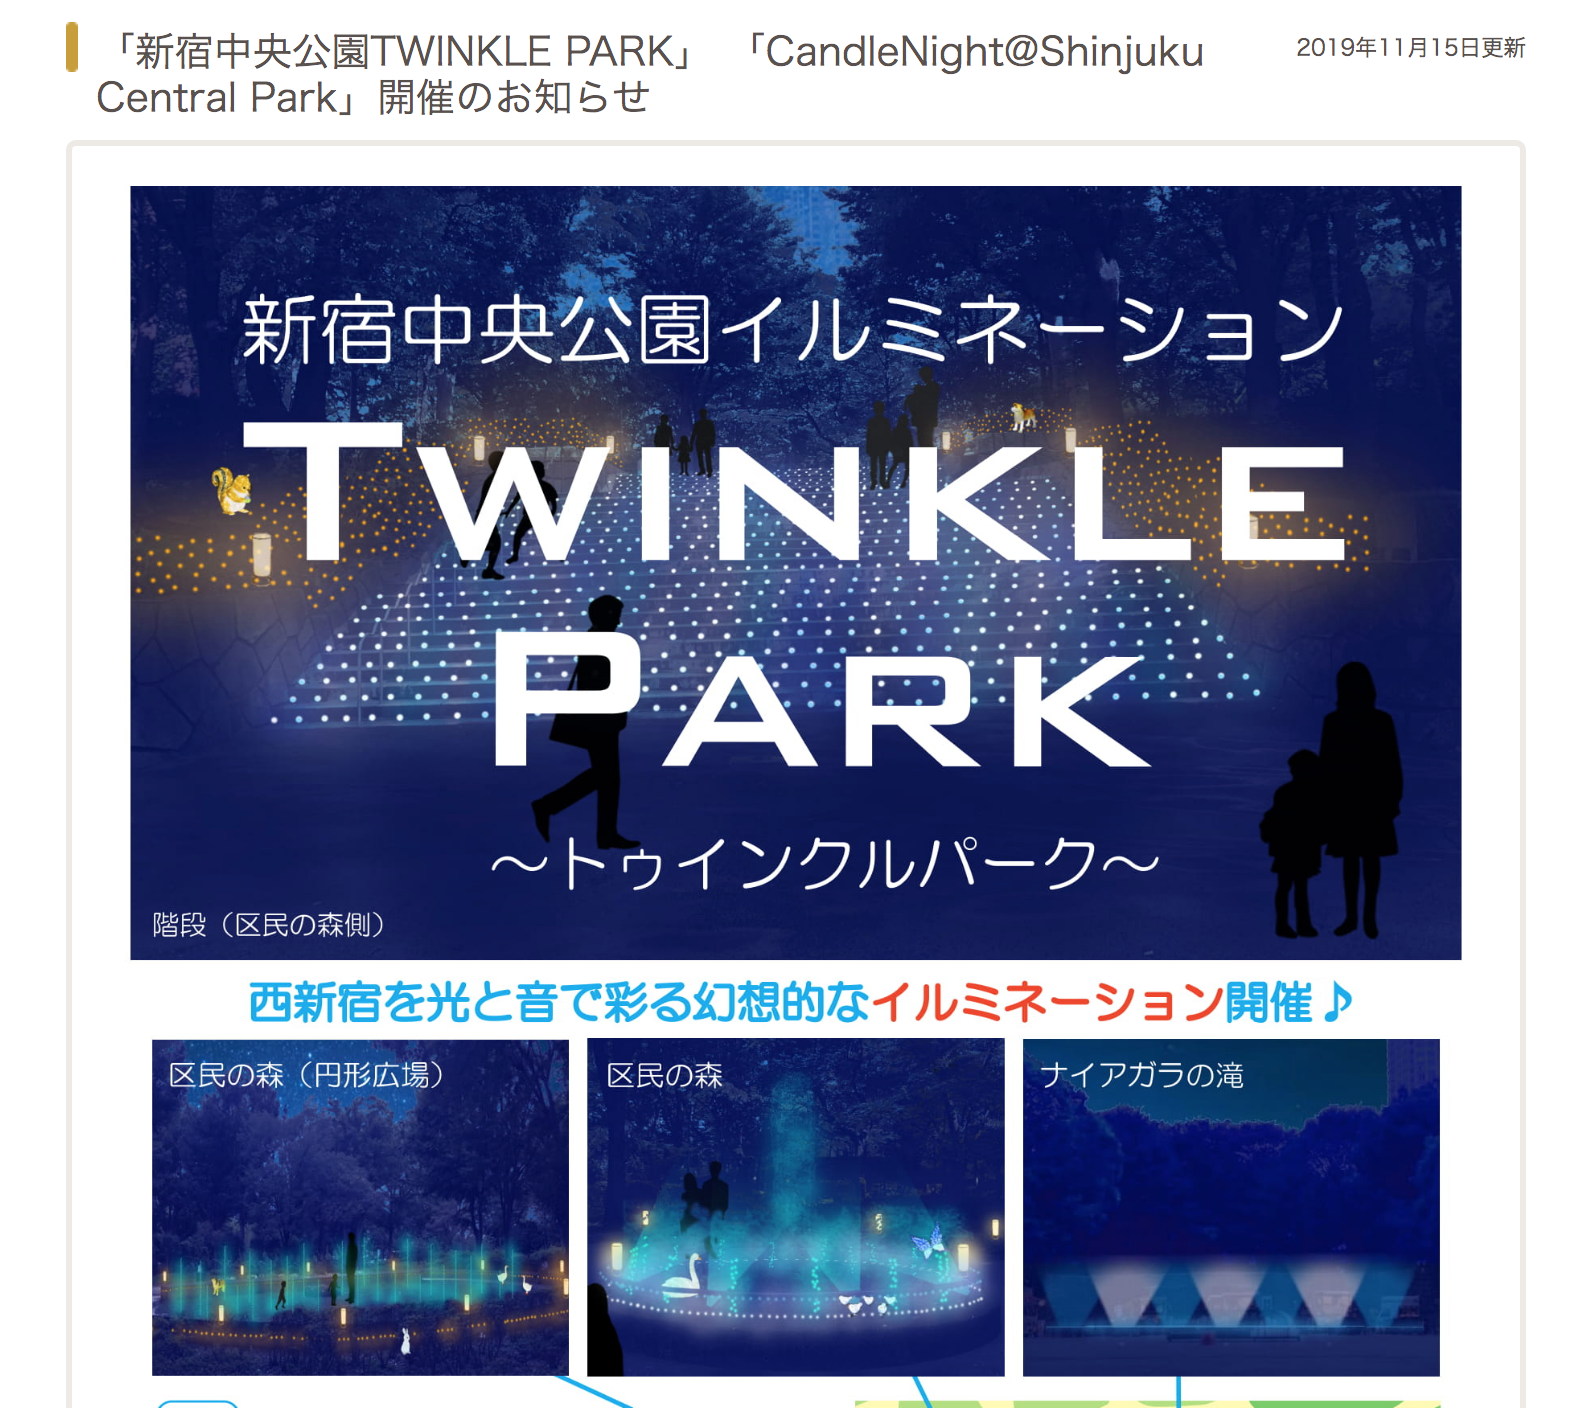 新宿中央公園 イルミネーション キャンドル